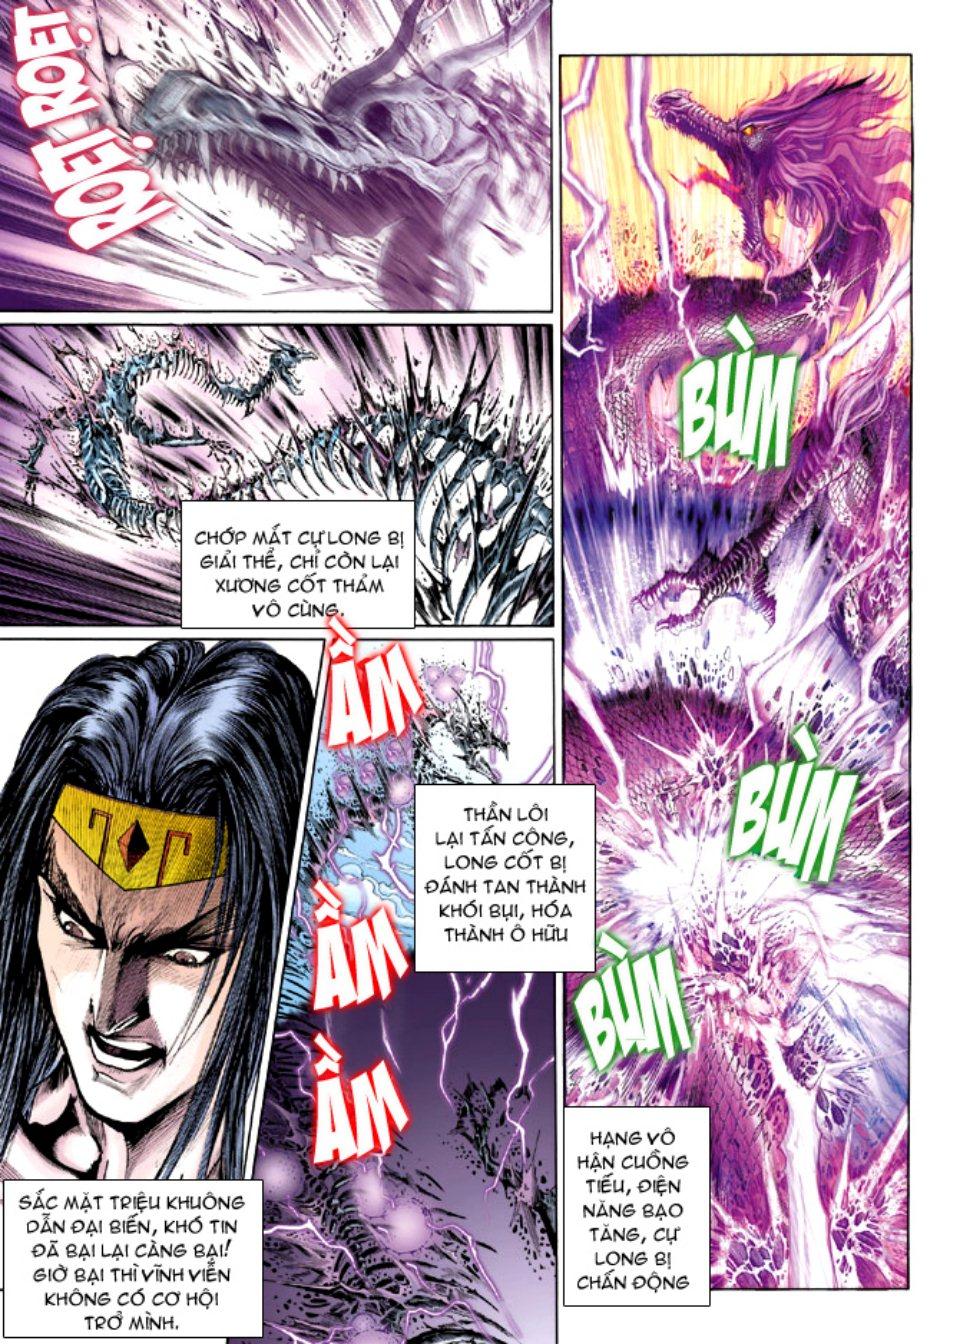 Thiên Tử Truyền Kỳ 5 – Như Lai Thần Chưởng chap 214 – End Trang 7 - Mangak.info